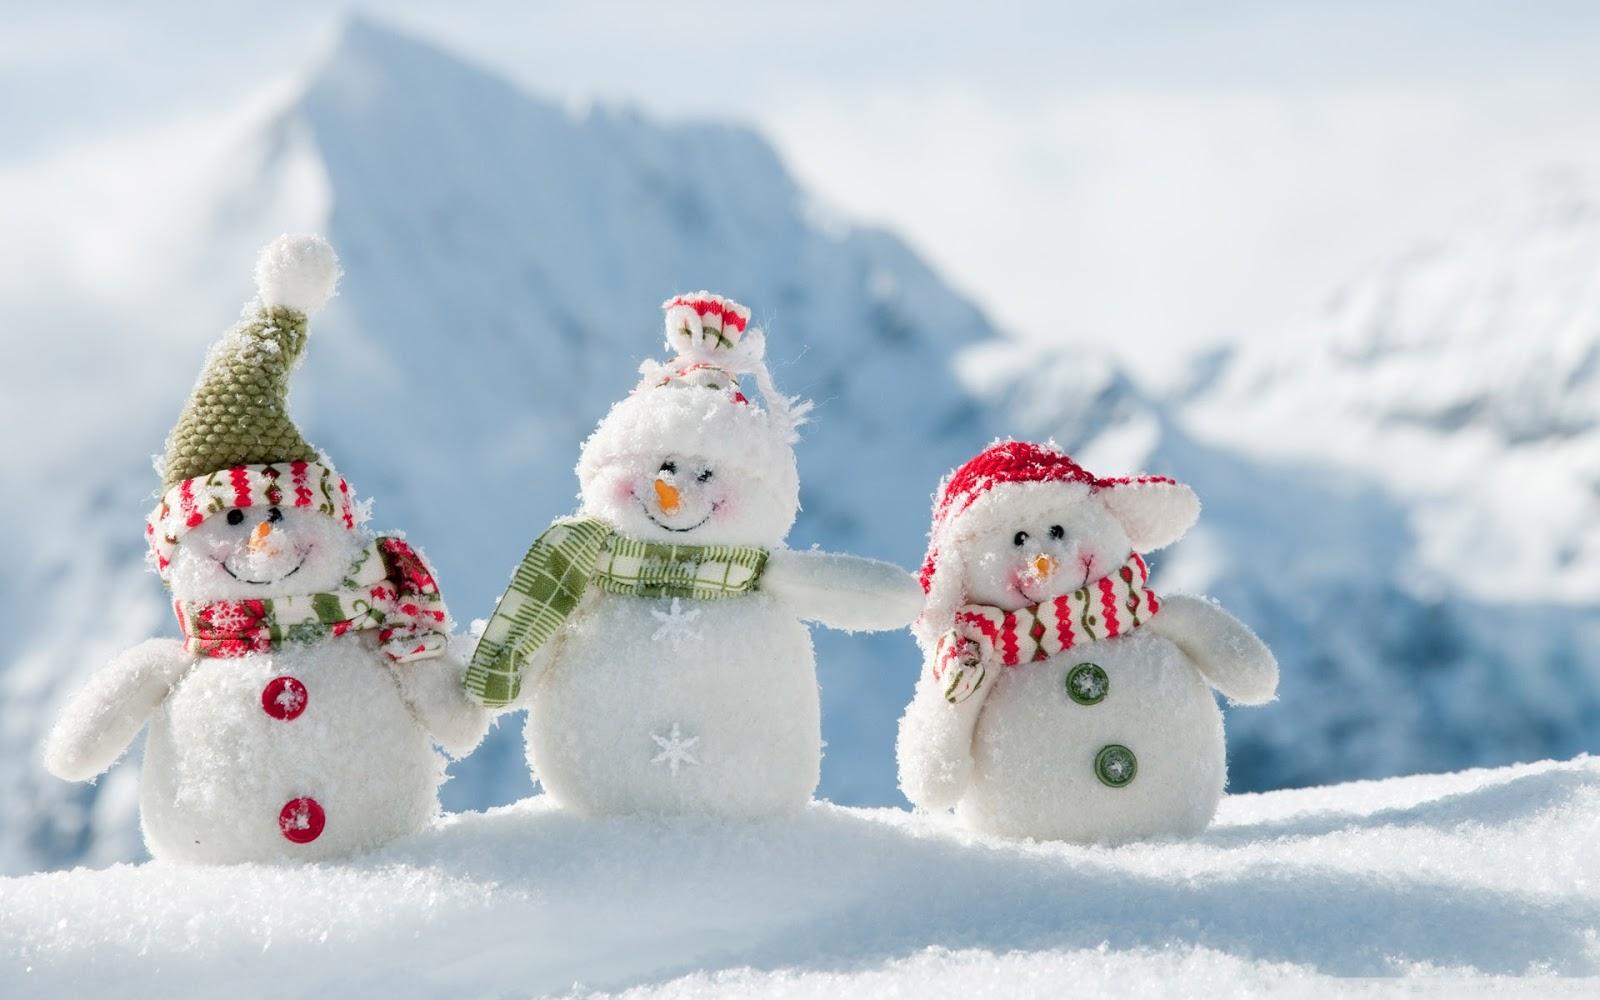 Winter Snow Wallpapers Snowfall In Kashmir Heavy Wallpaper 1306156